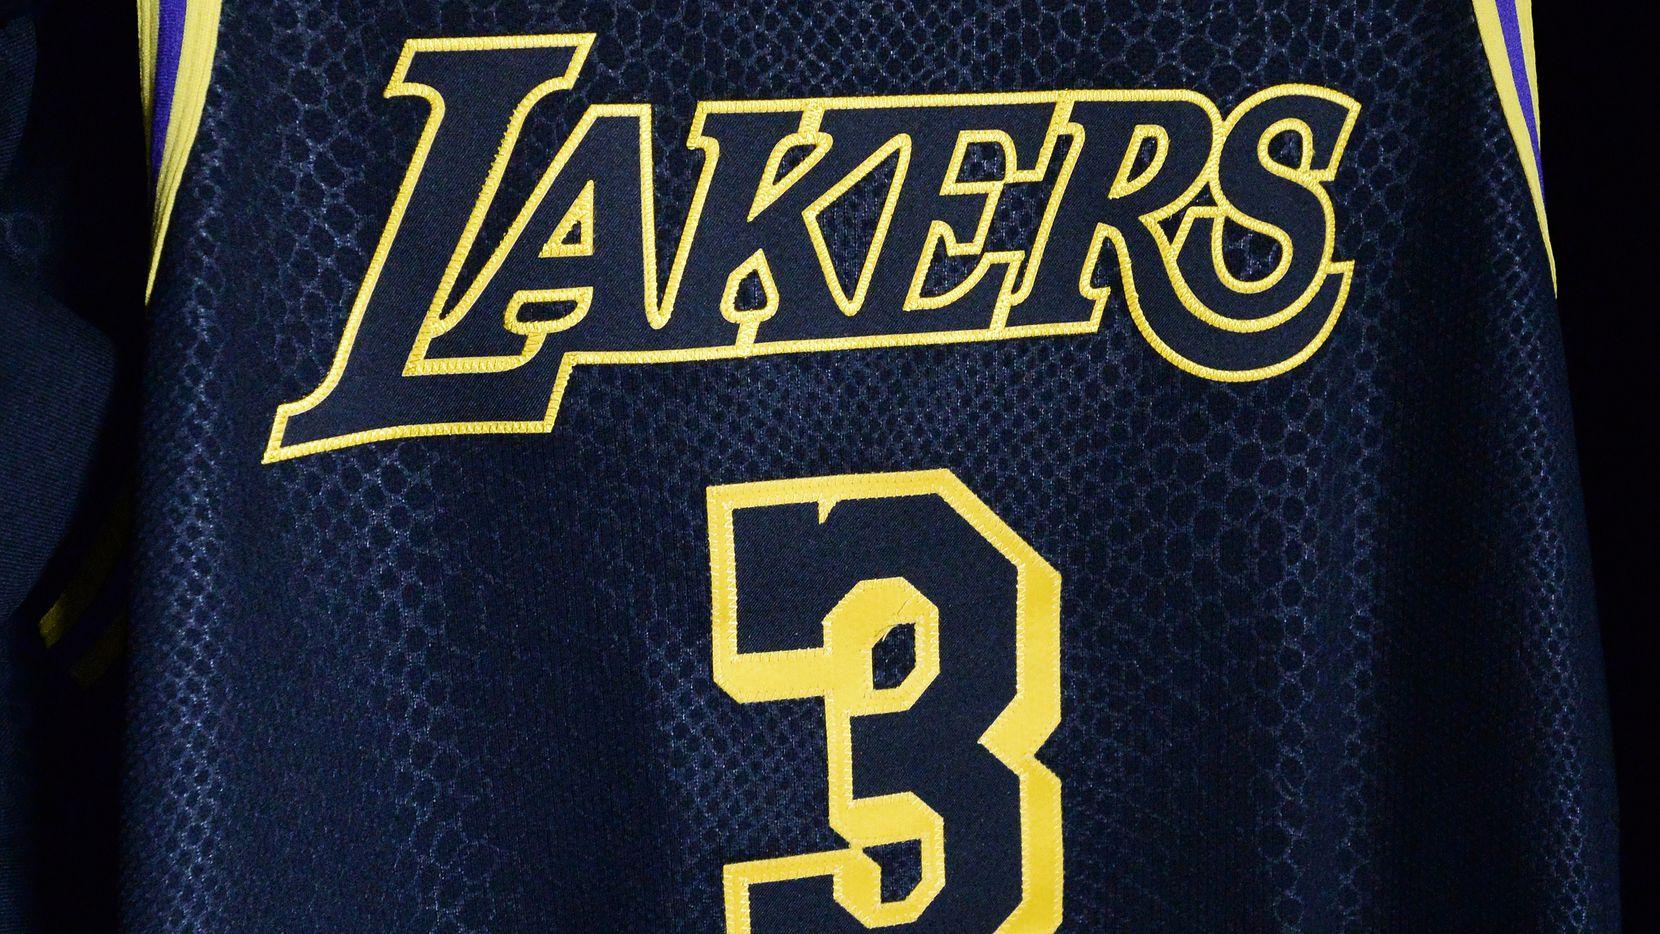 El uniforme de los Lakers de Los Ángeles diseñado por Kobe Bryant que Anthony Davis utilizará en el Juego 5 de la Final de la NBA ante el Miami Heat.